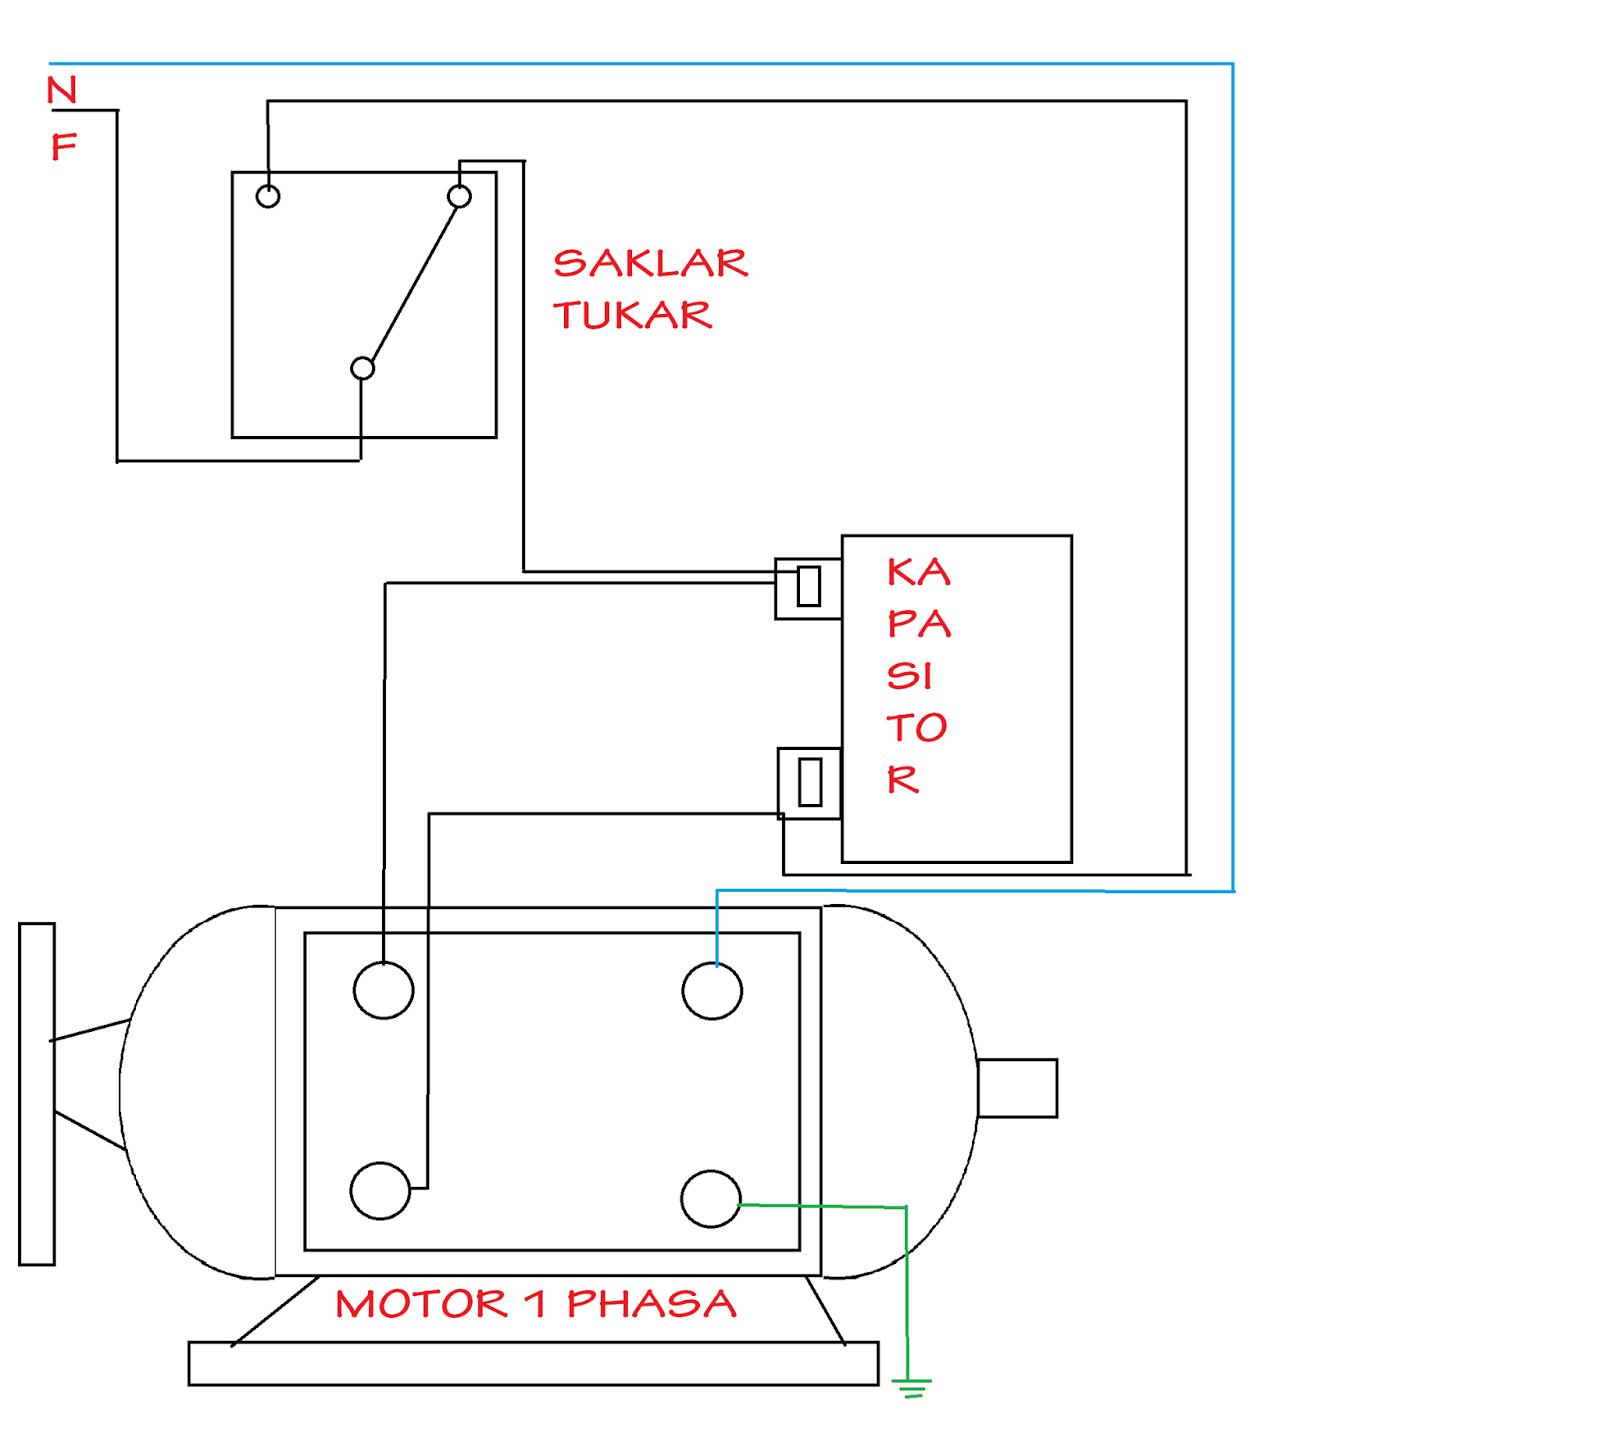 Wiring Diagram Further Contoh Penggunaan Atau Timer Gen3 Electric 215 3525963 How To Wire A Doorbell Mari Kita Buat Sistem Kontrol Motor Listrik 3 Phasa